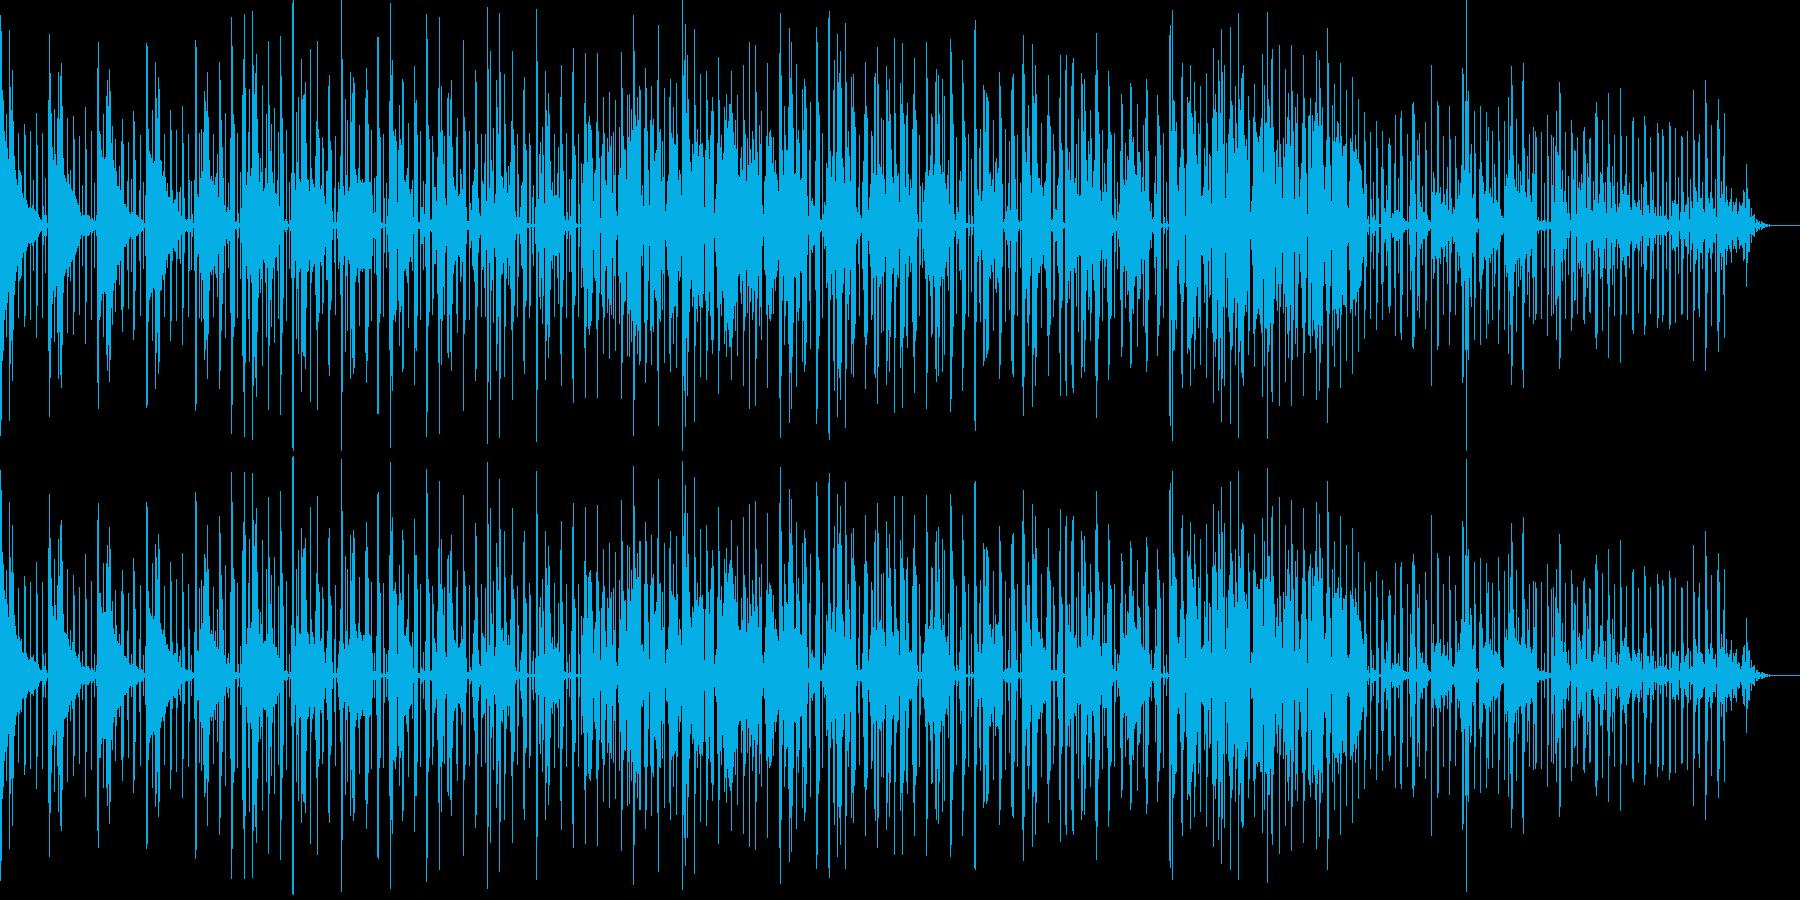 クールなミドルテンポの裏打ちビートの再生済みの波形